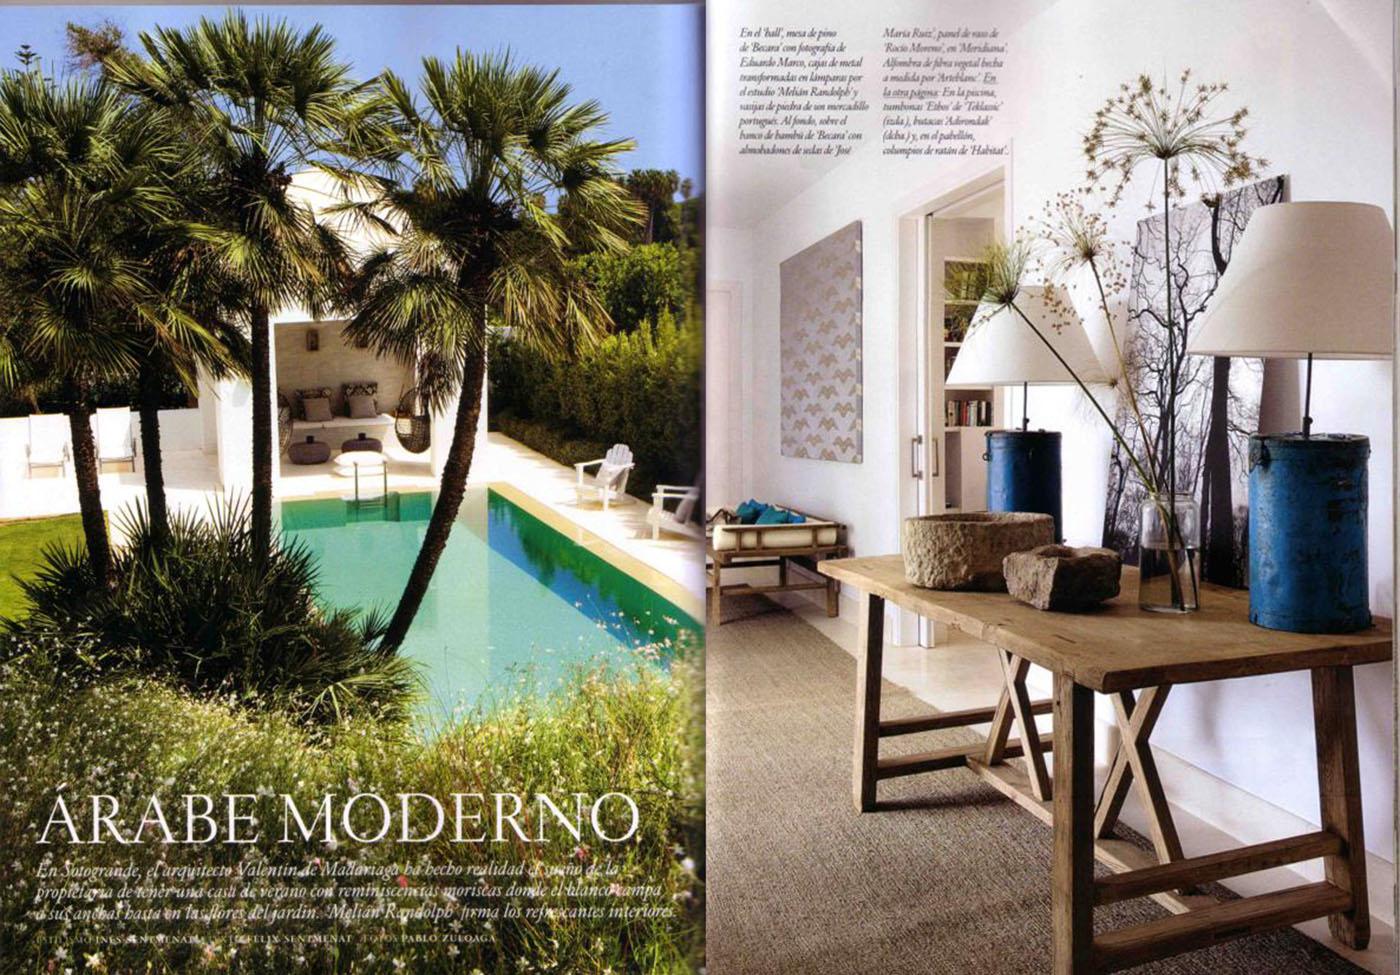 revista-ad-melian_randolph-julio_agosto-2011-1